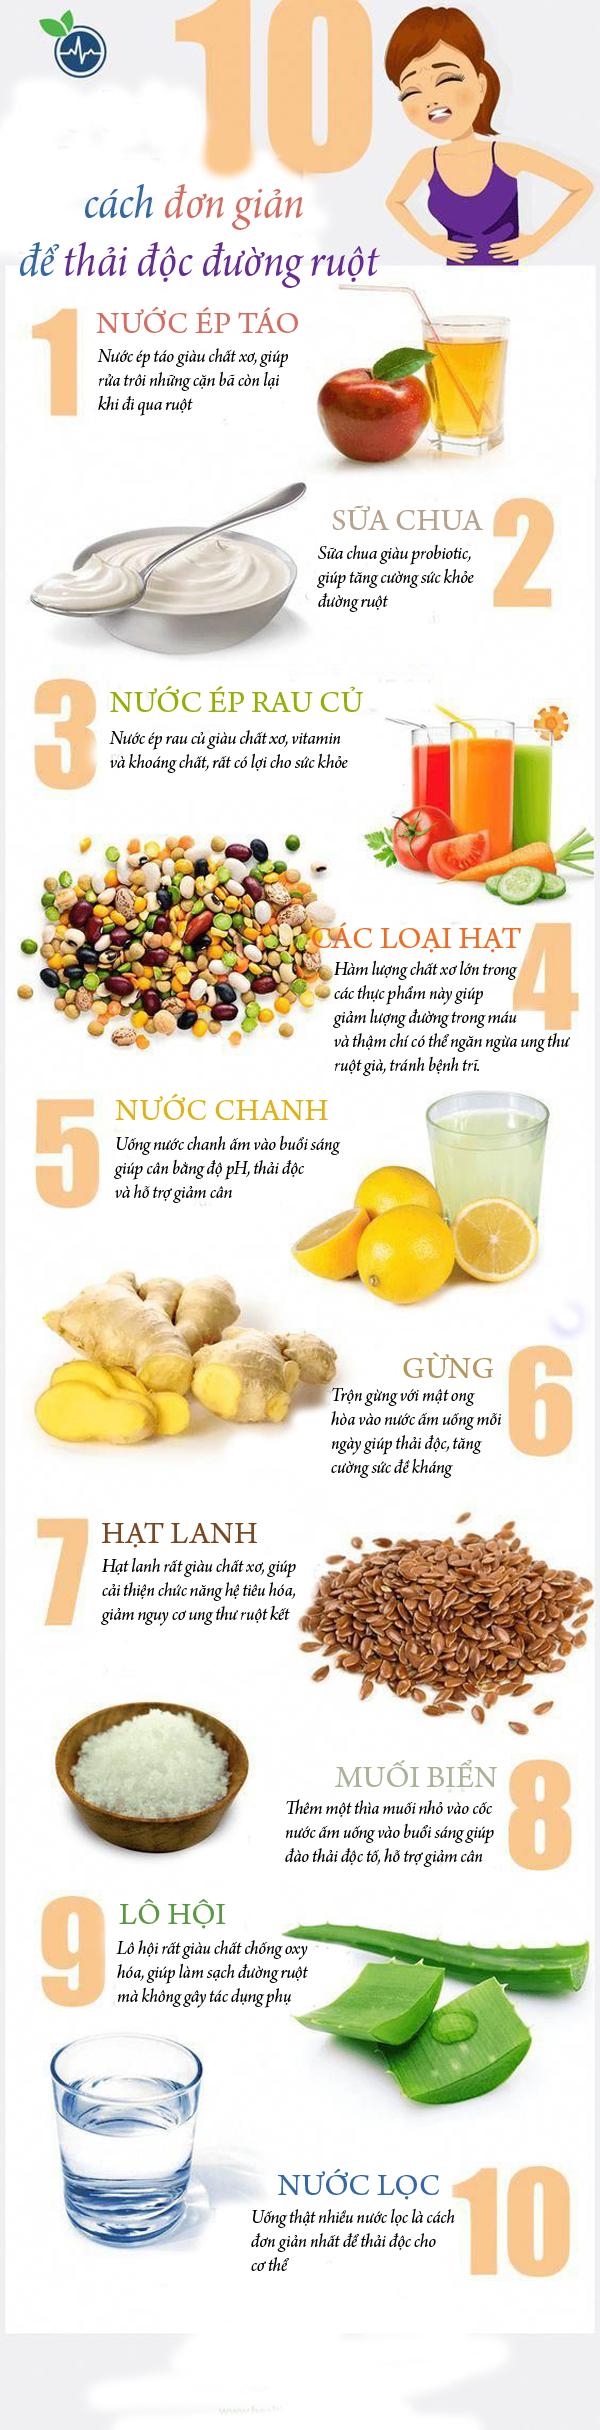 10 cách đơn giản giúp thải độc đường ruột, hỗ trợ giảm cân